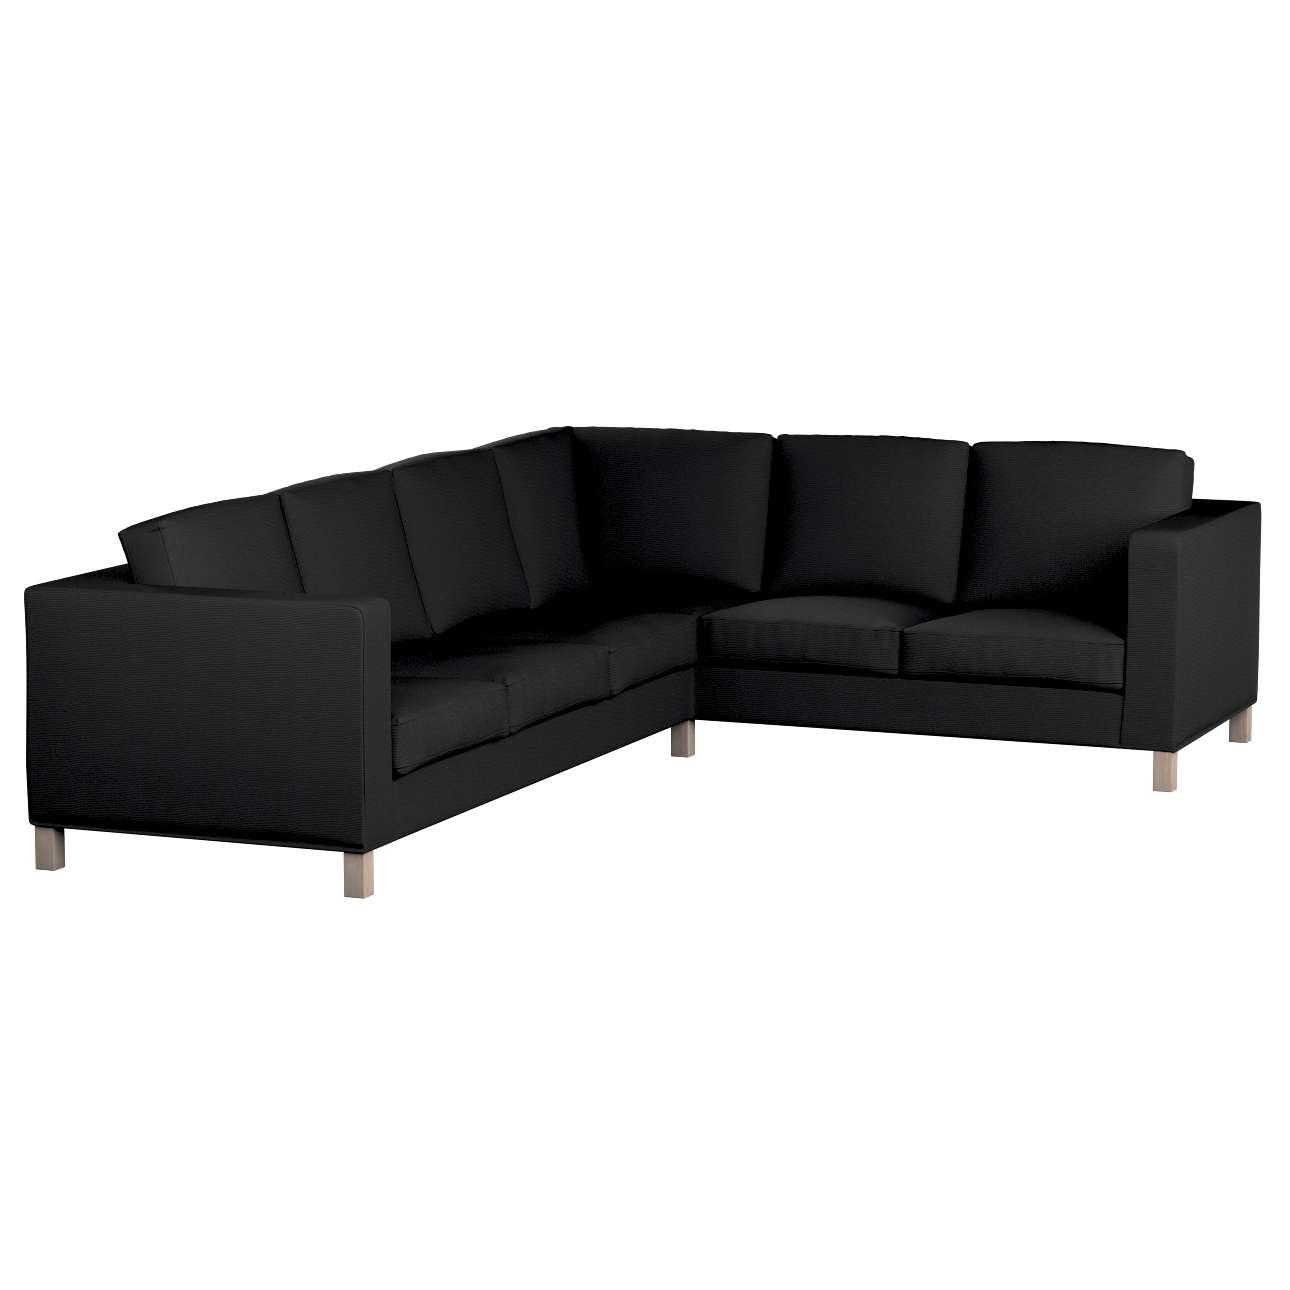 Pokrowiec na sofę narożną lewostronną Karlanda Sofa narożna lewostronna Karlanda w kolekcji Etna , tkanina: 705-00